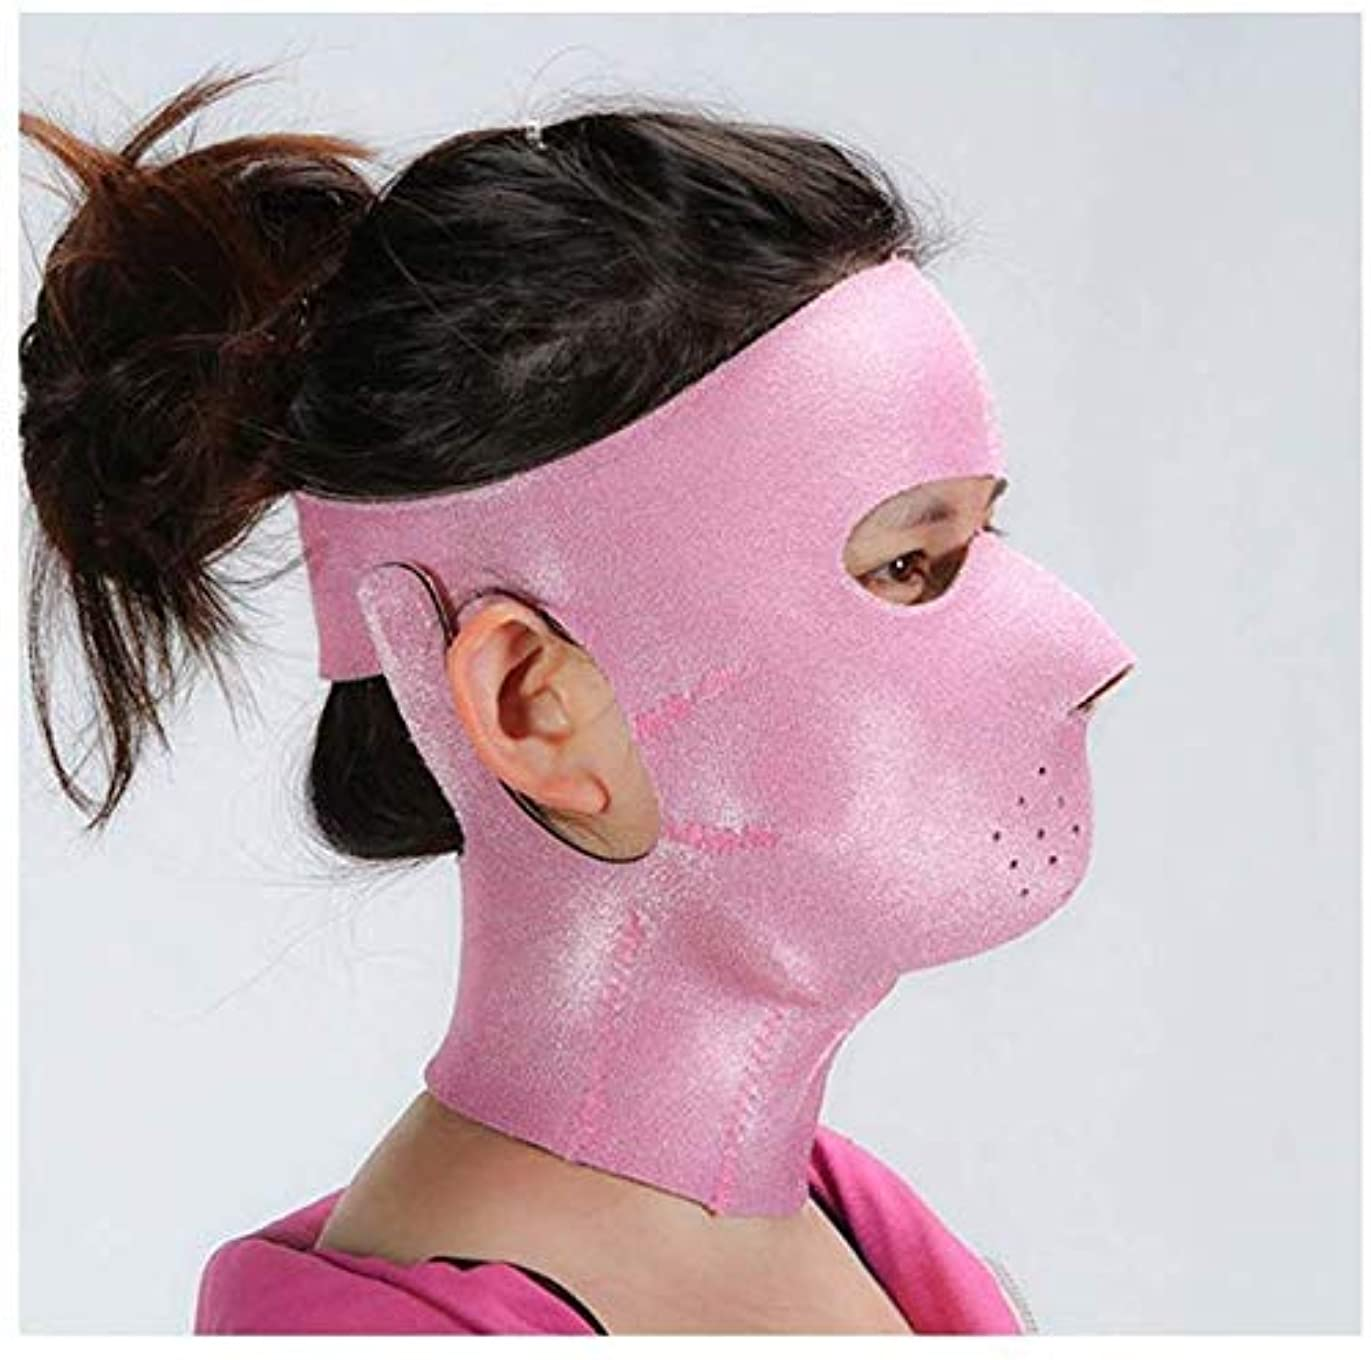 パッケージ合理的文句を言う美容と実用的なフェイスリフトマスク、フェイシャルマスクプラス薄型フェイスマスクタイトアンチタギング薄型フェイスマスクフェイシャル薄型フェイスマスクアーティファクトビューティーネックストラップ付き